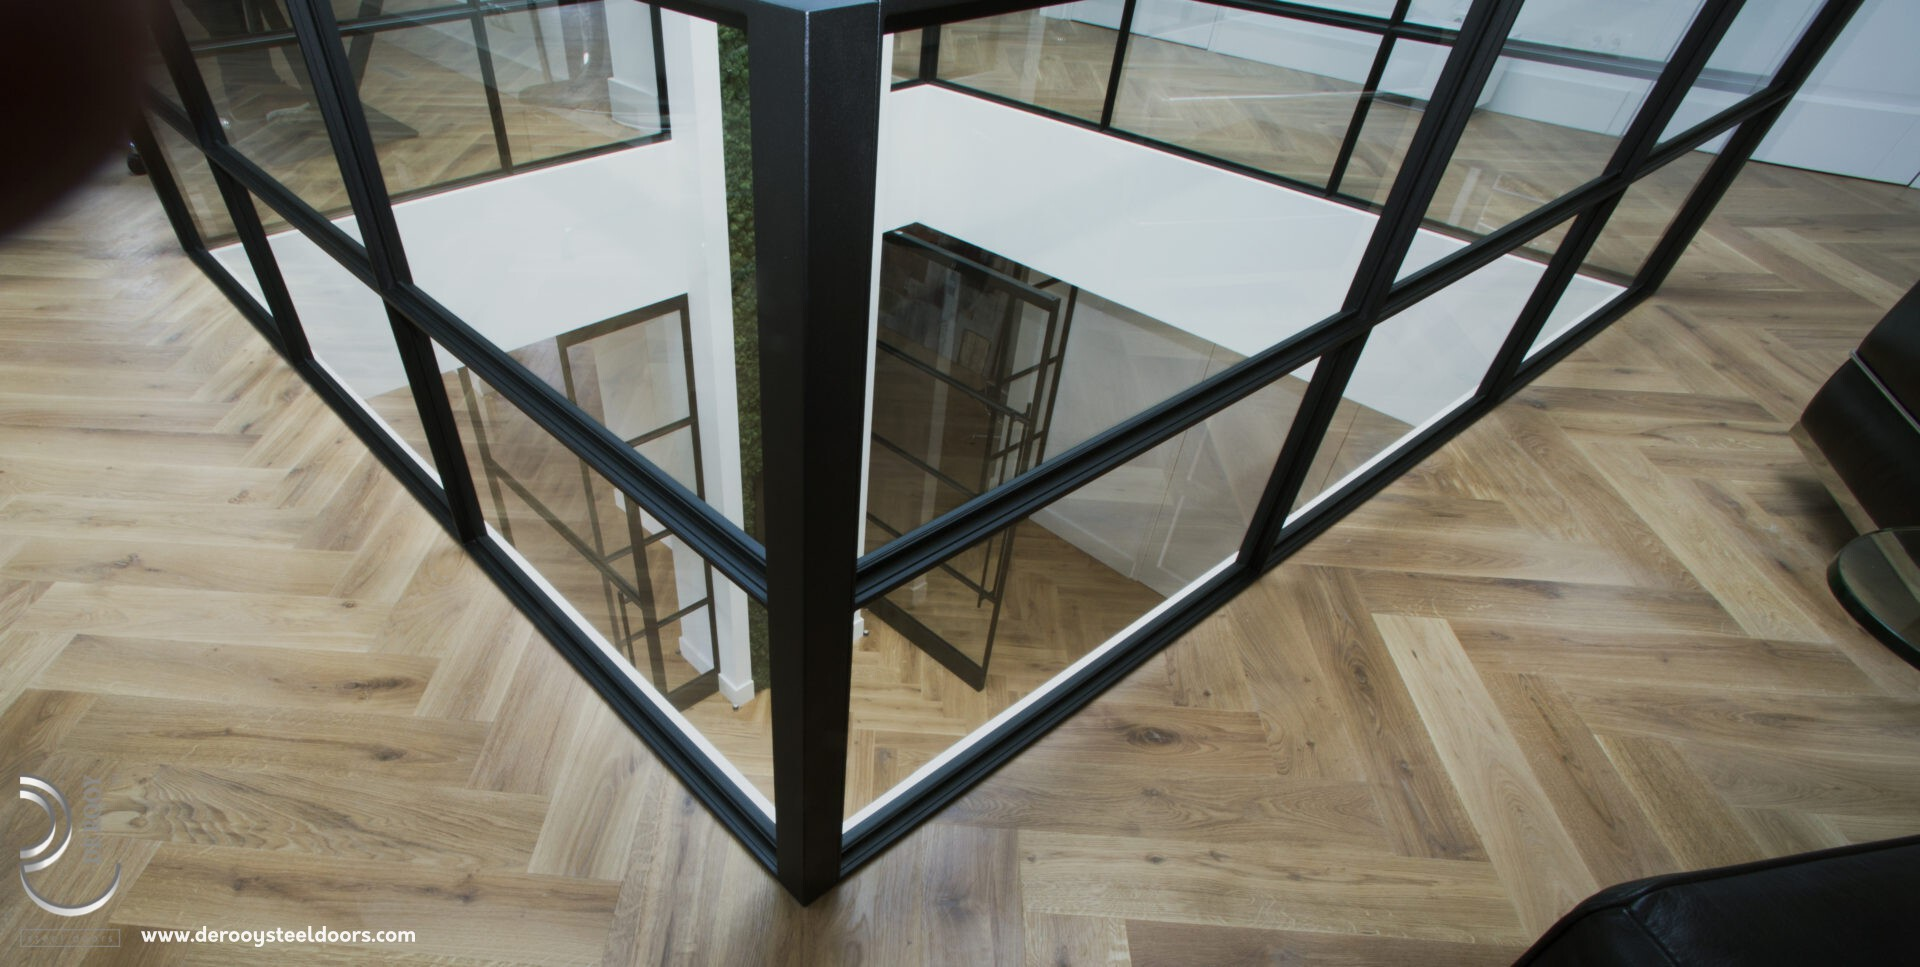 Dubbele taatsdeuren kantoor, glazen balustrade